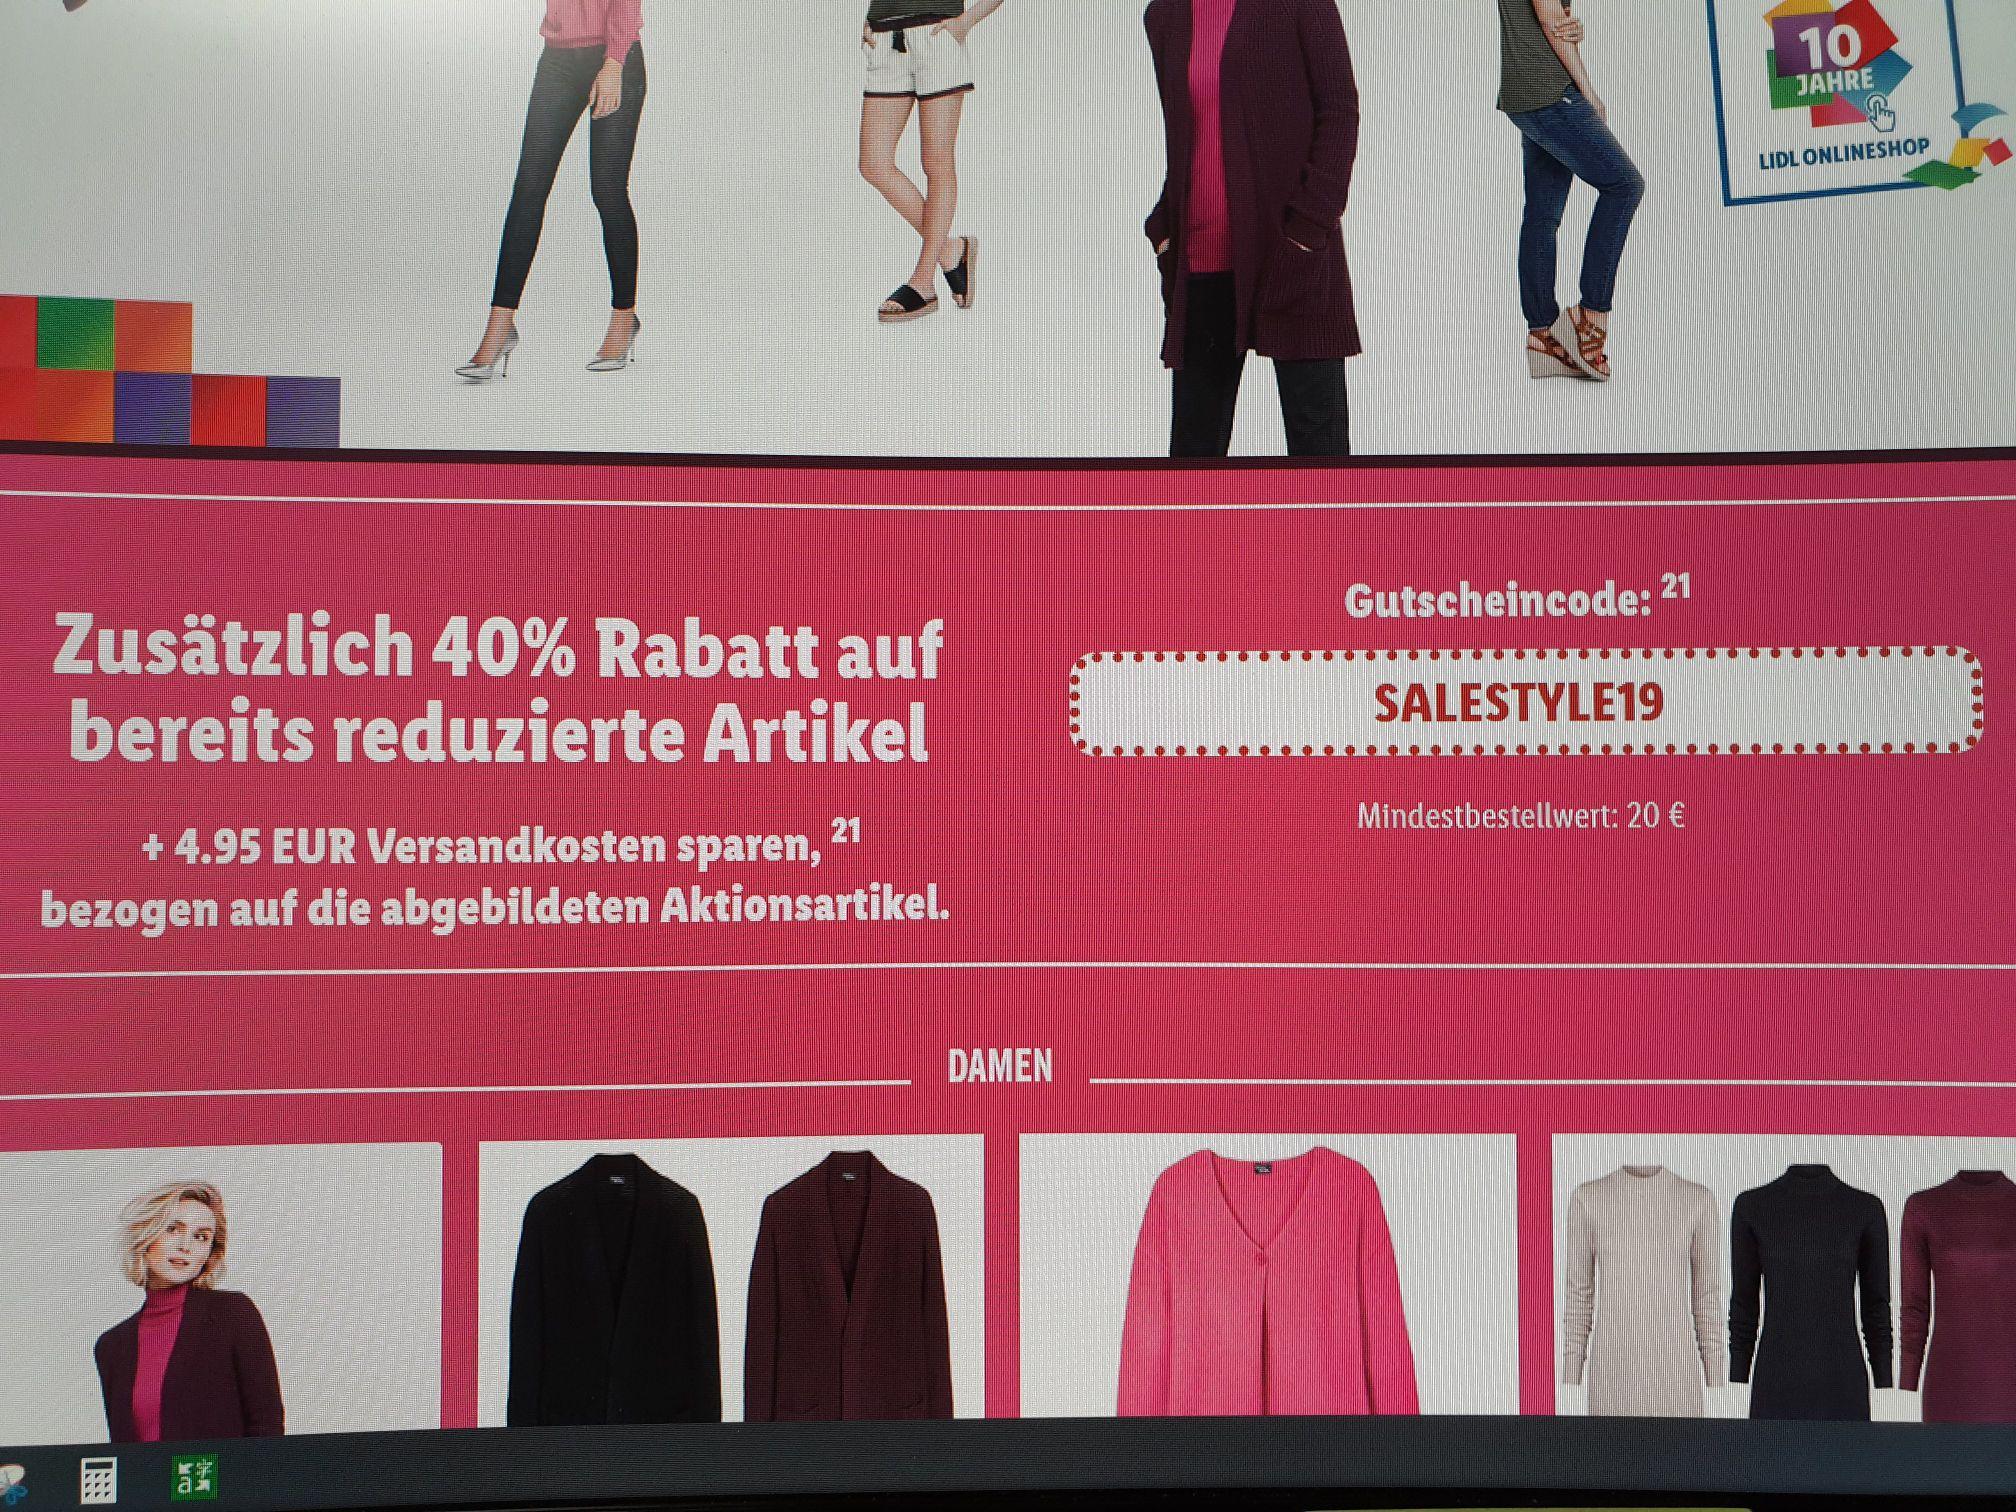 LIDL 40% + VERSANDKOSTENFREI AB 20 € bei Sales Style